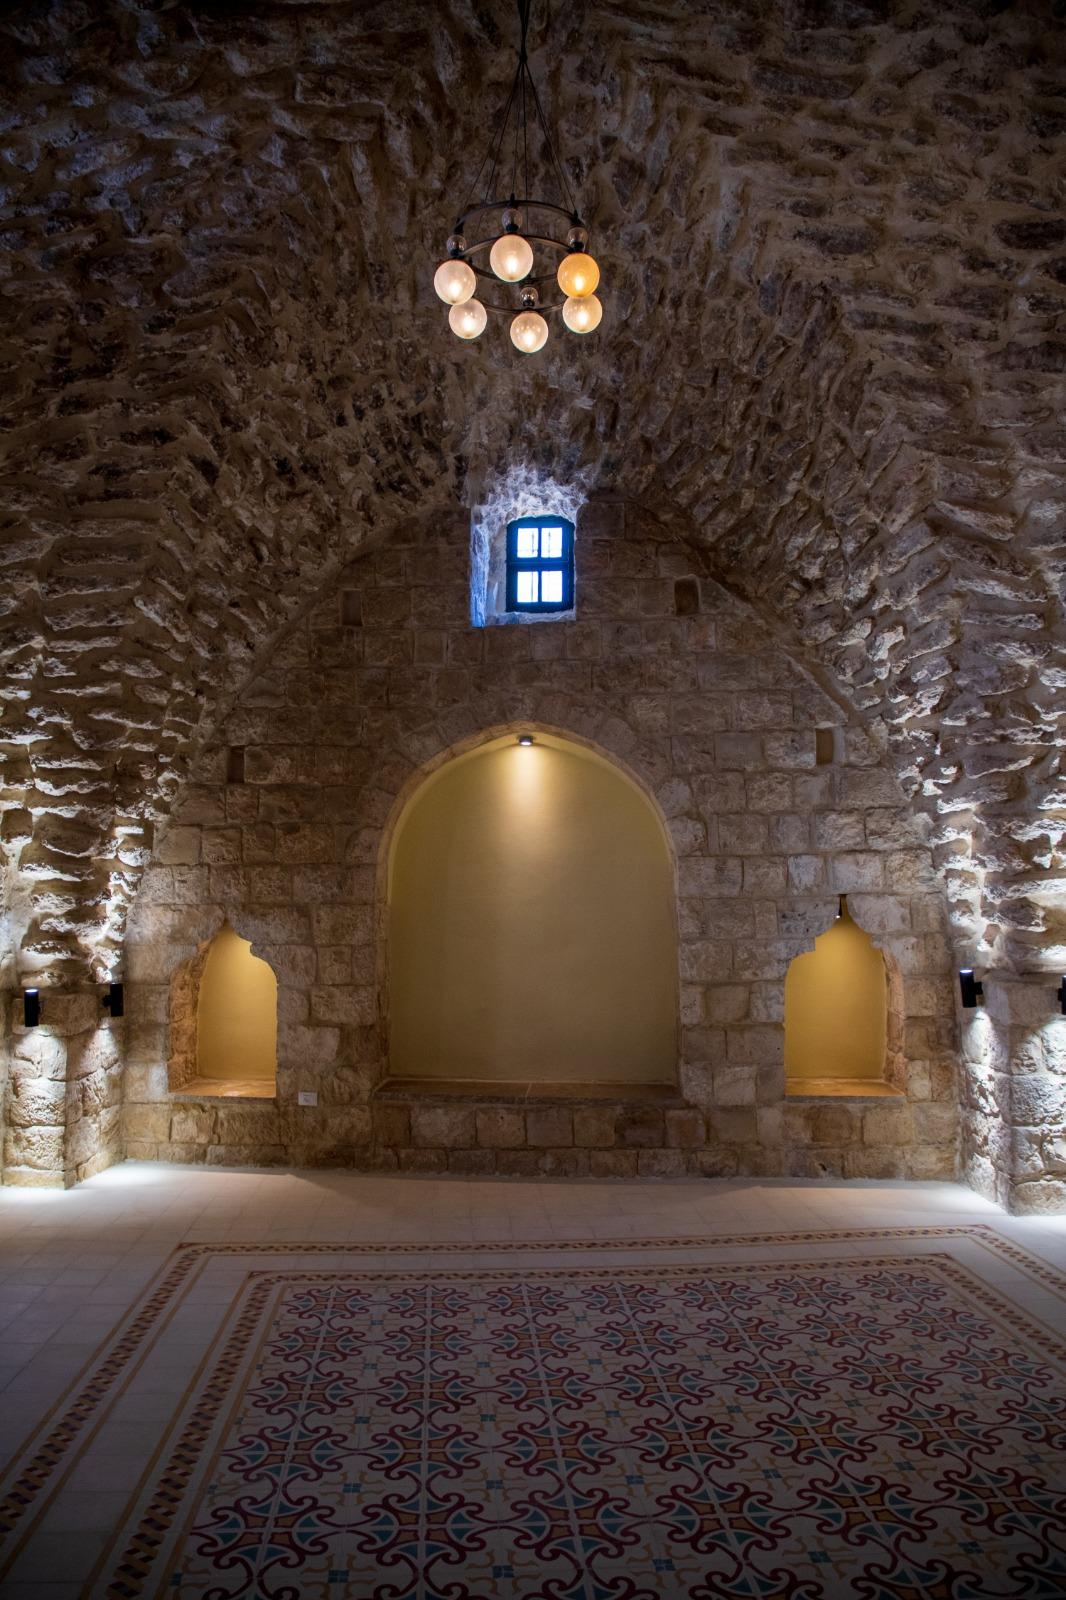 التراث الوطني هو رمز الهوية الثقافية للشعب الفلسطيني (اندبندنت عربية)